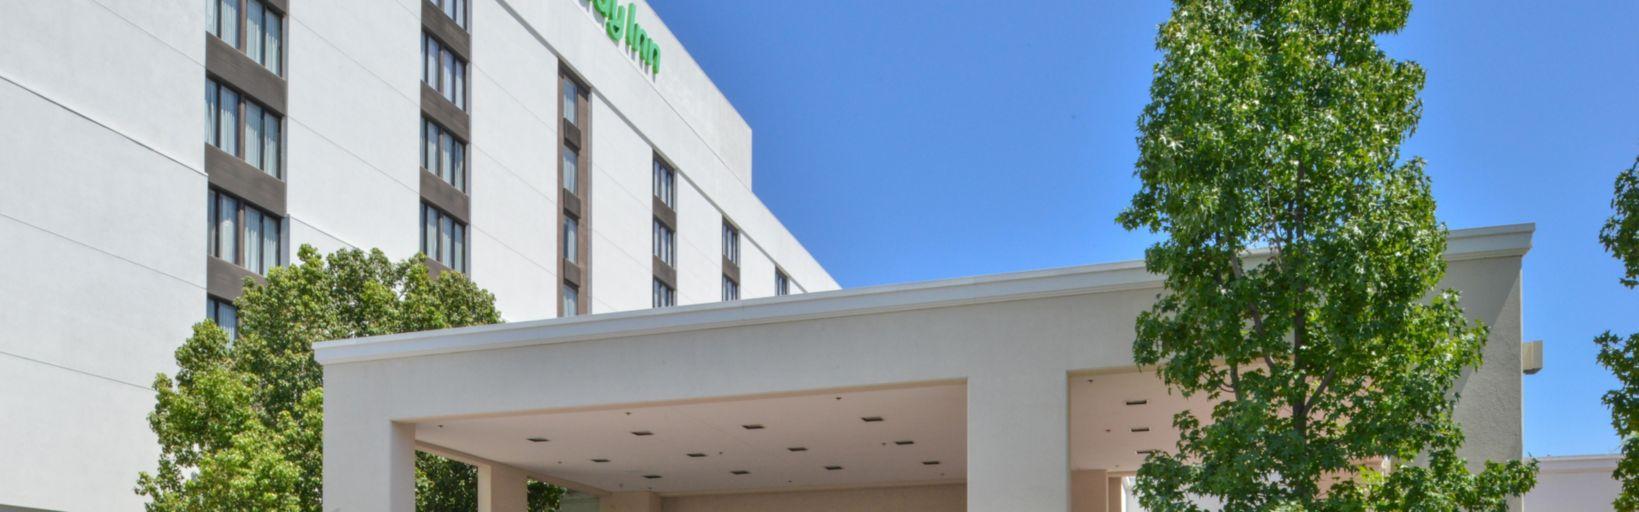 La Mirada Ca Hotels